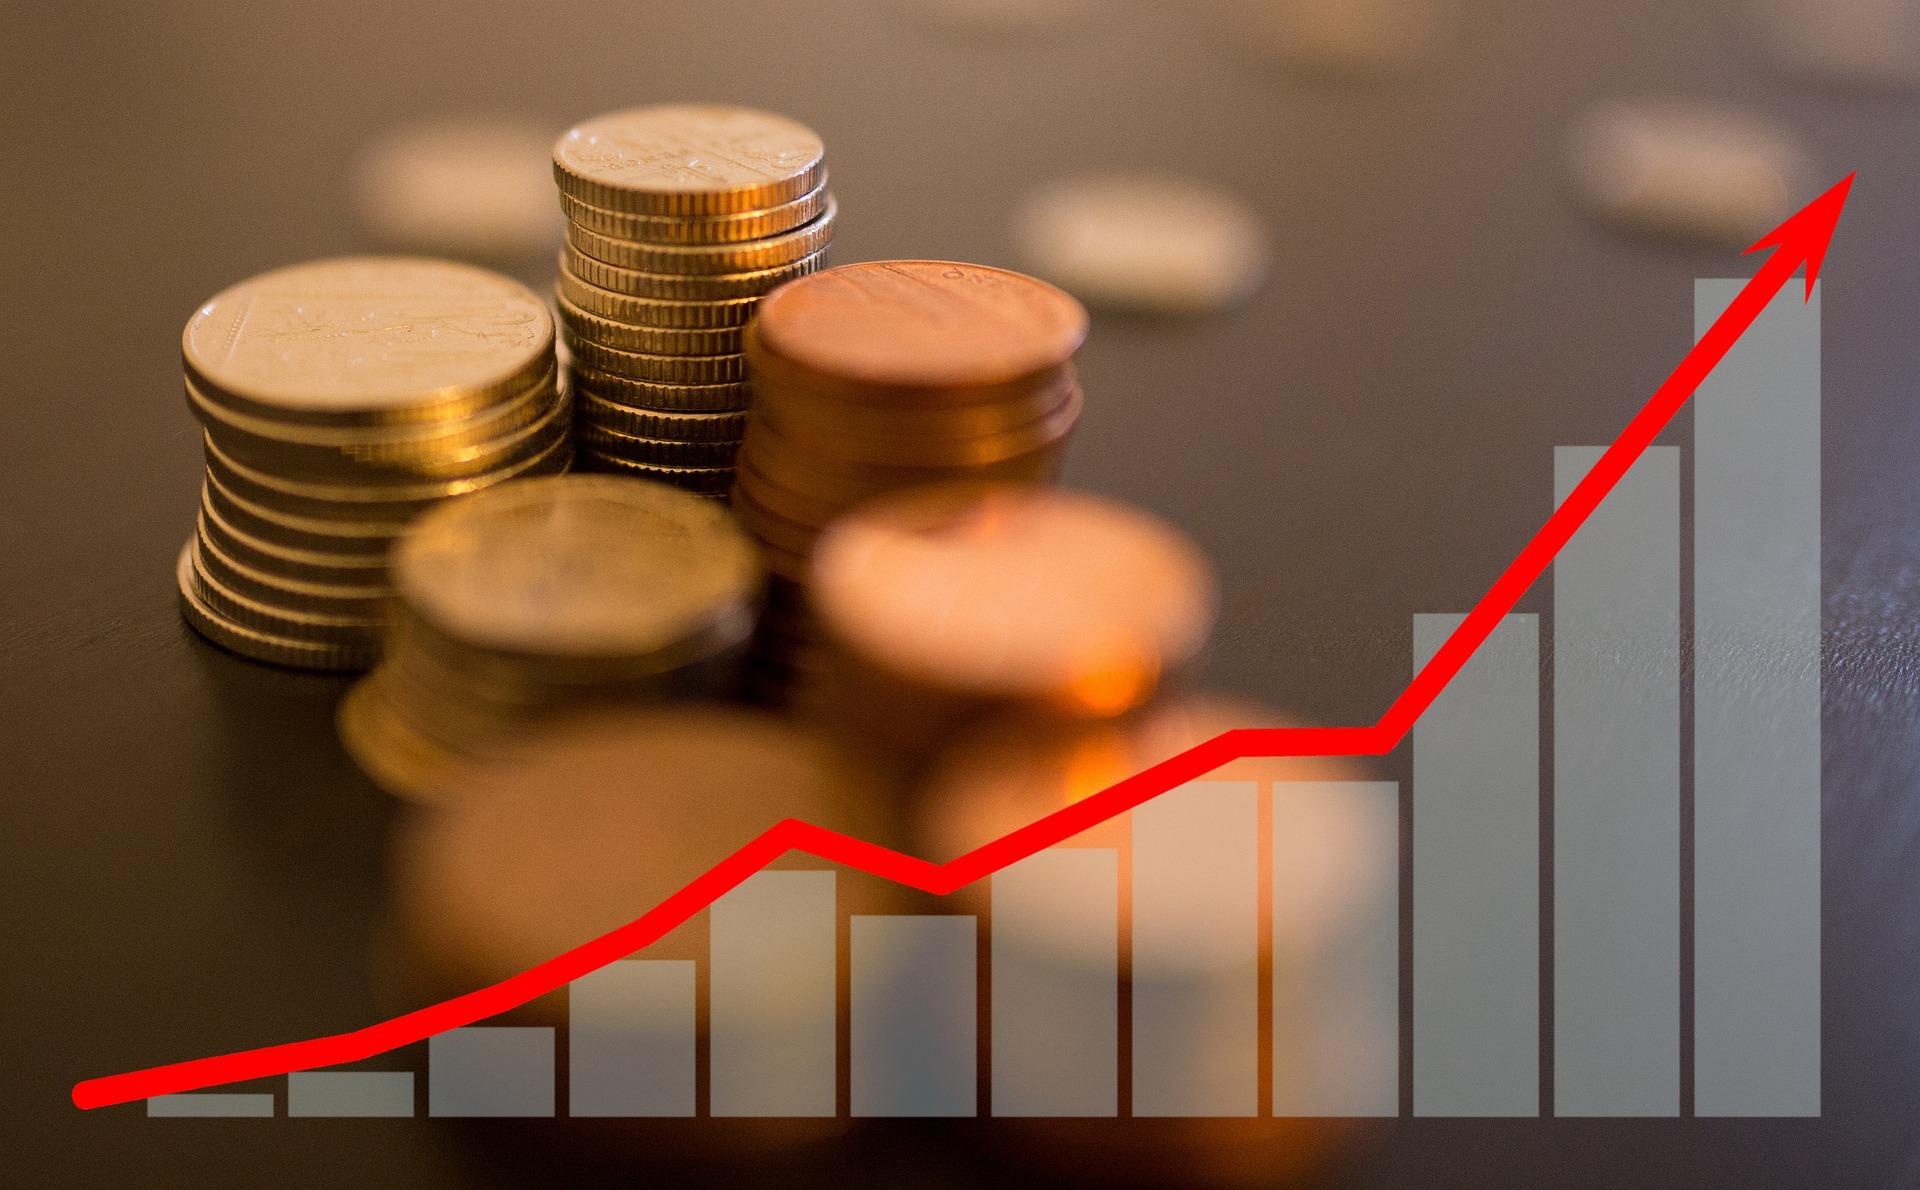 Инфляция в России достигла 6,68%, это максимум на пятилетнем отрезке